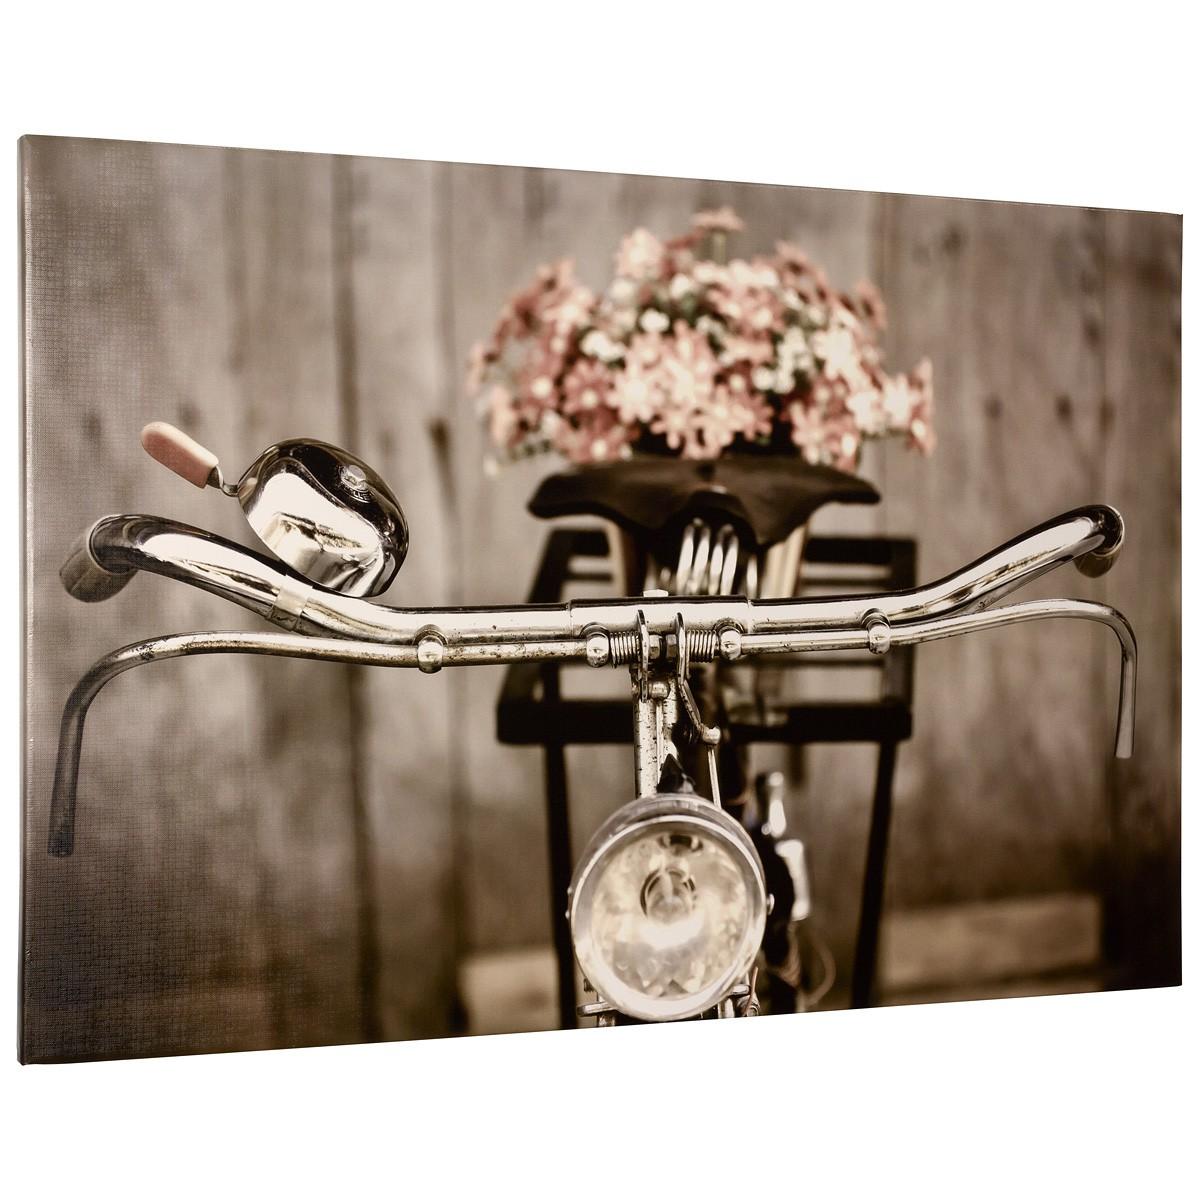 Wandbild keilrahmen kunstdruck bild 60x90 cm fahrrad sepia - Wandbild altrosa ...